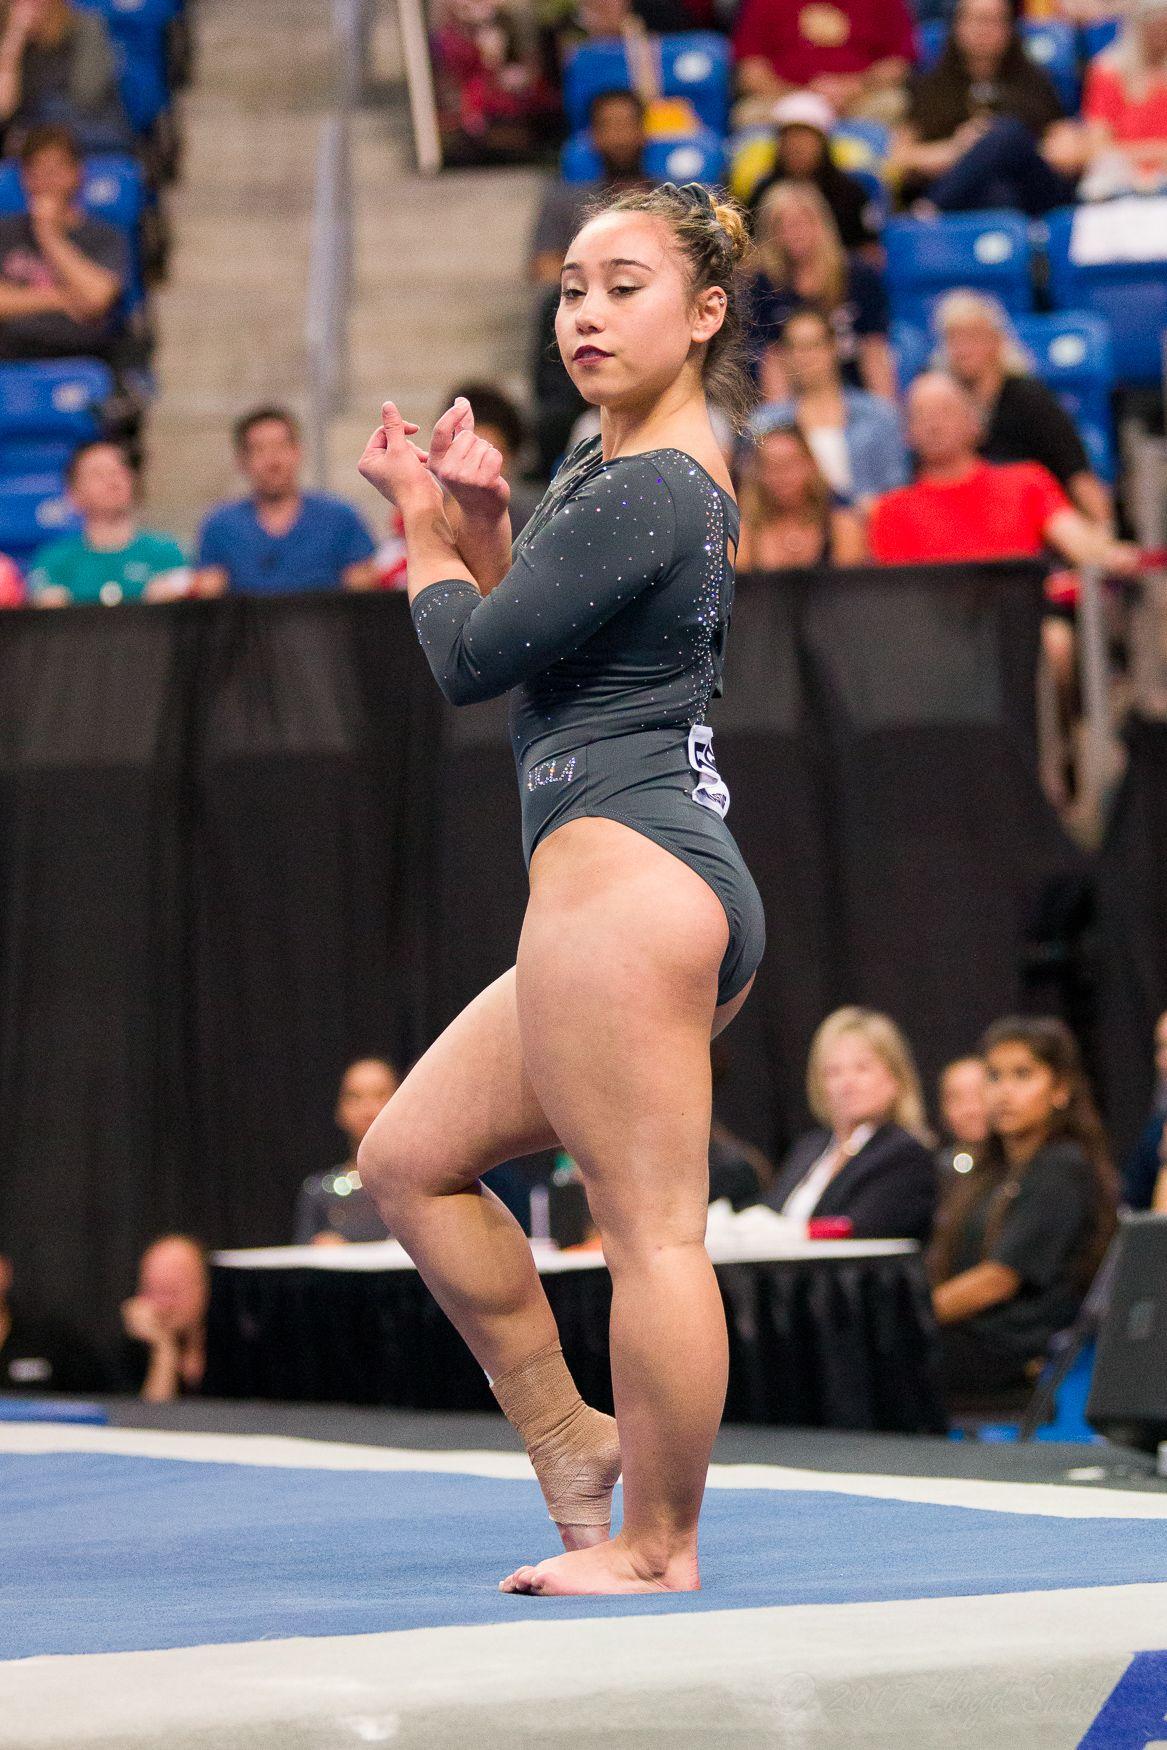 Katelyn Ohashi Gymnastics Girls Katelyn Ohashi Female Gymnast